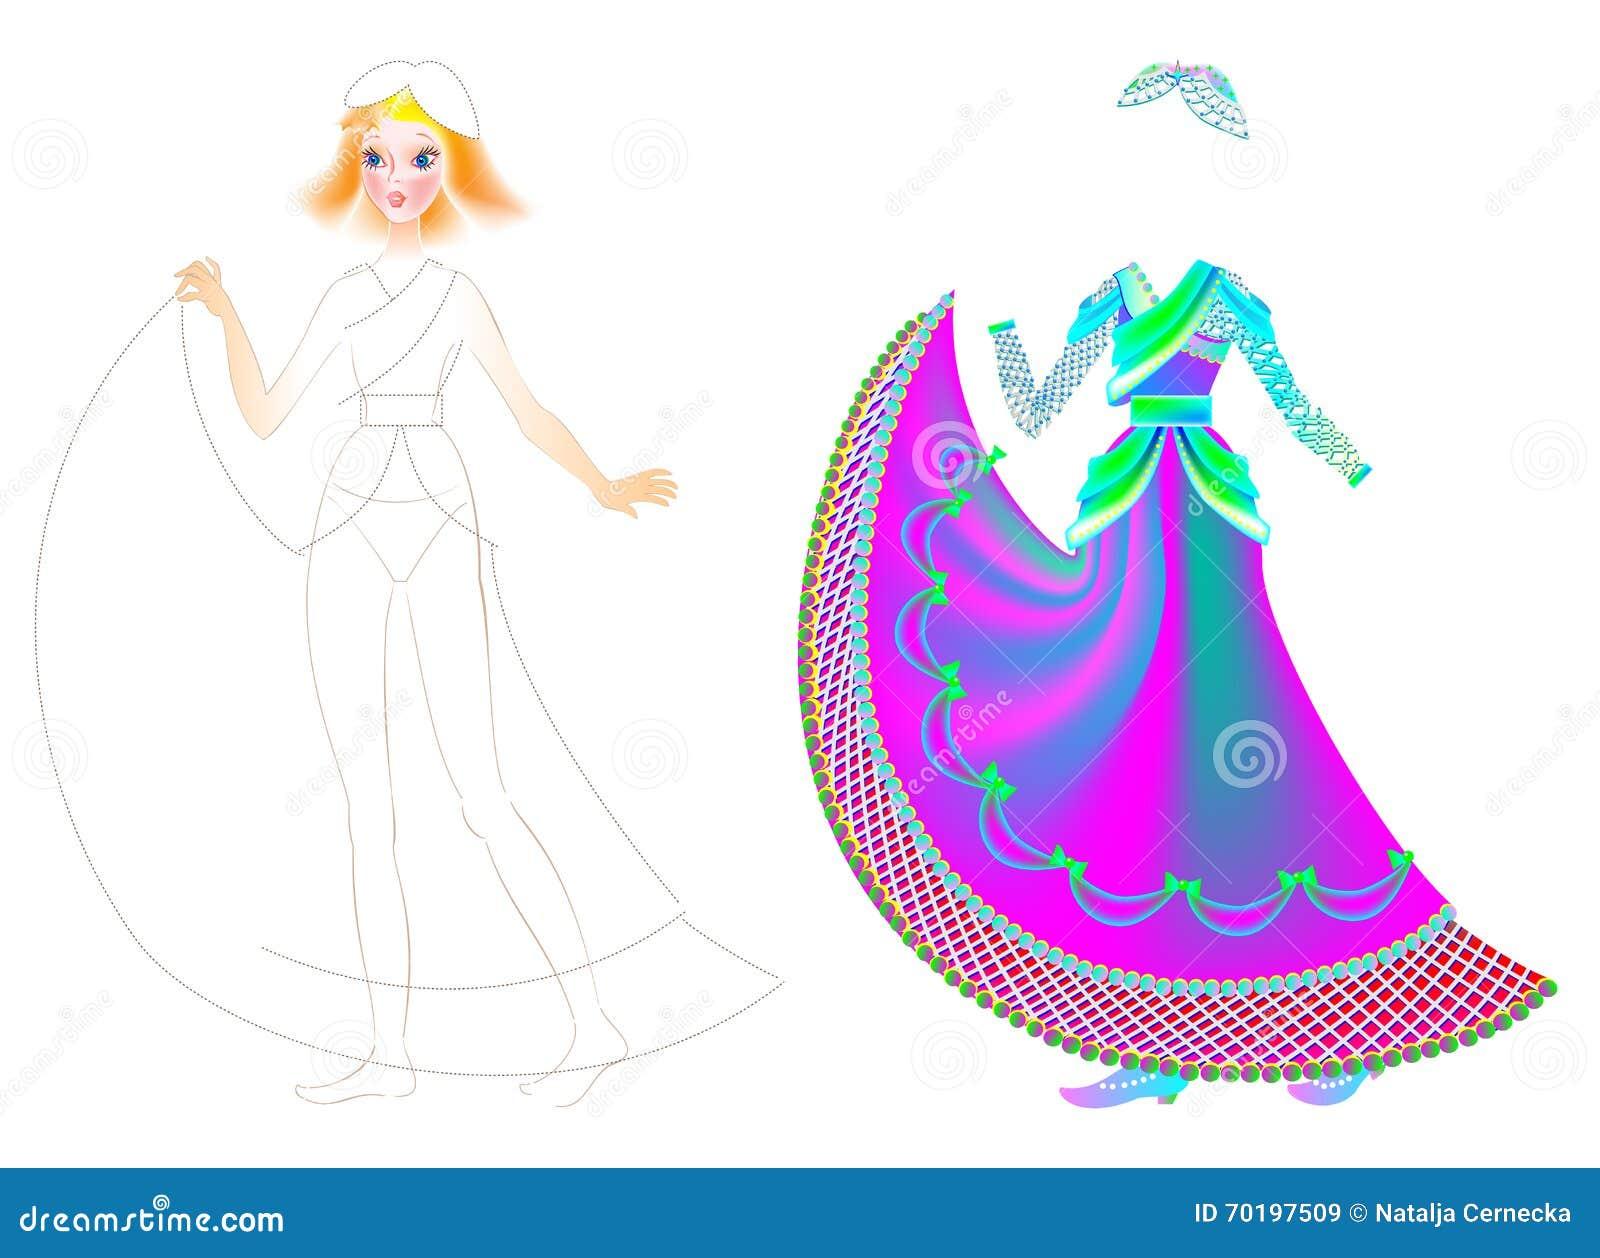 Ejercite Para Que Los Niños Dibujen Y Pinten El Vestido Hermoso Para ...